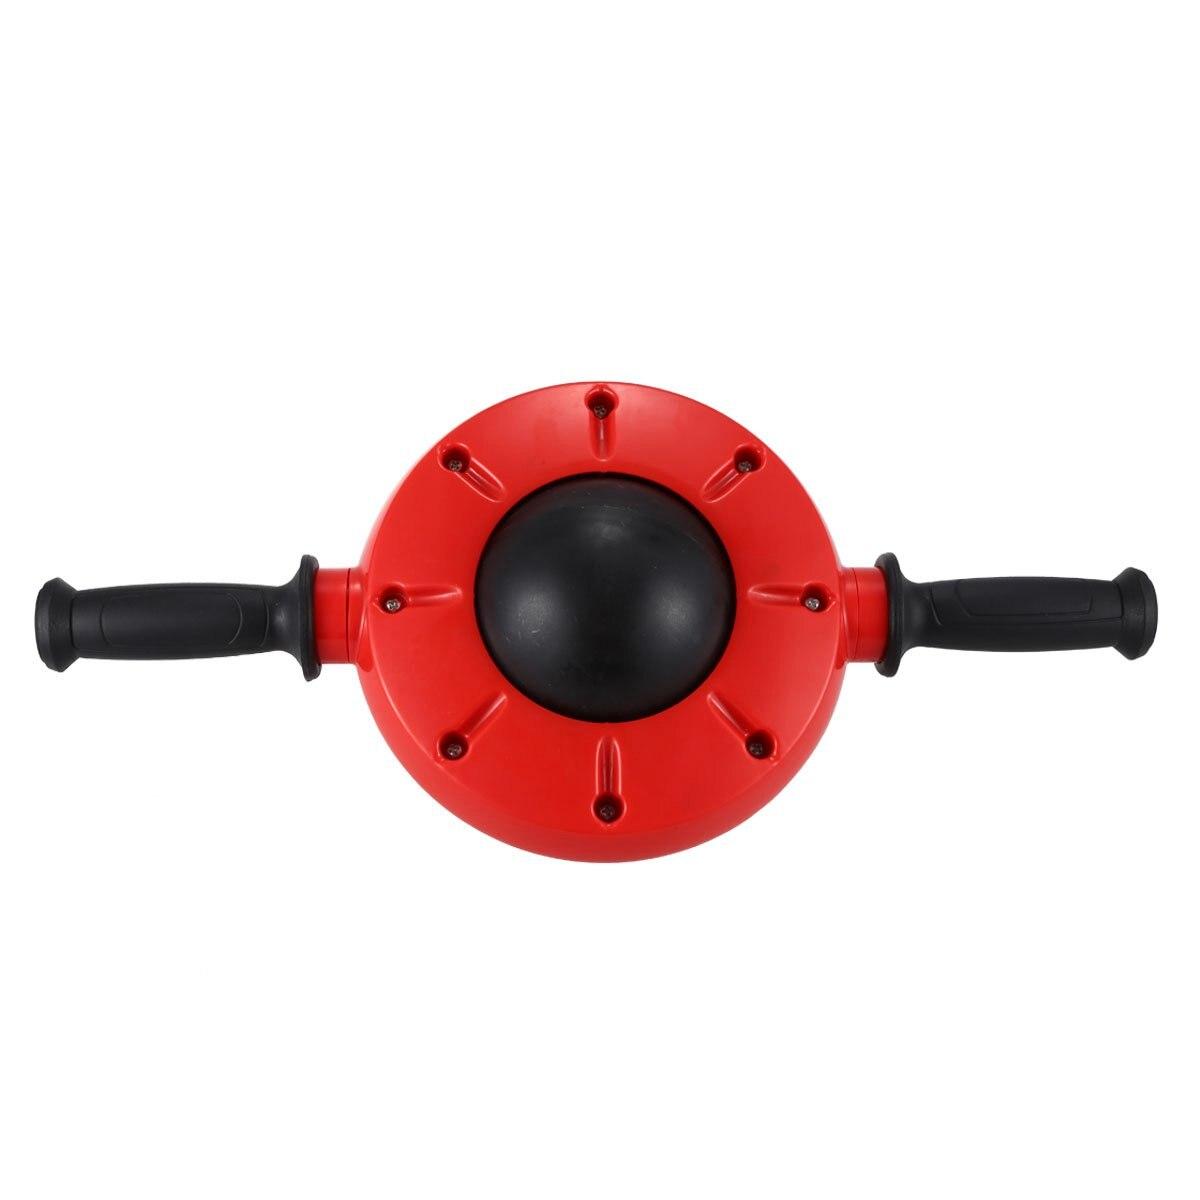 360 Gradi di Famiglia AB Wheel Roller per Nucleo di Formazione Esercizio Addominale Stomaco-Rosso